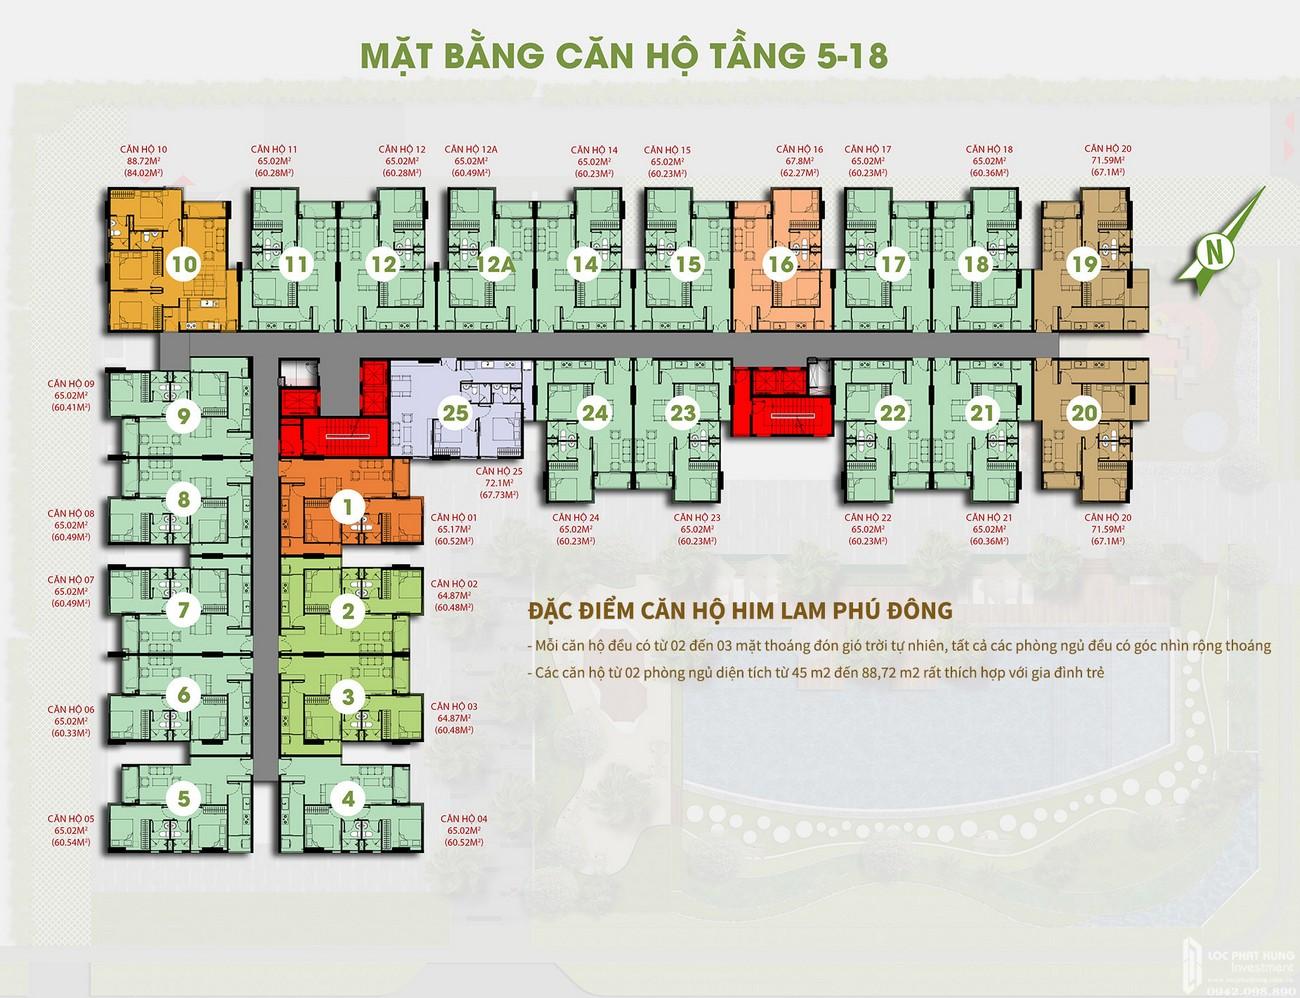 Mặt bằng dự án căn hộ Him Lam Phú Đông Bình Dương